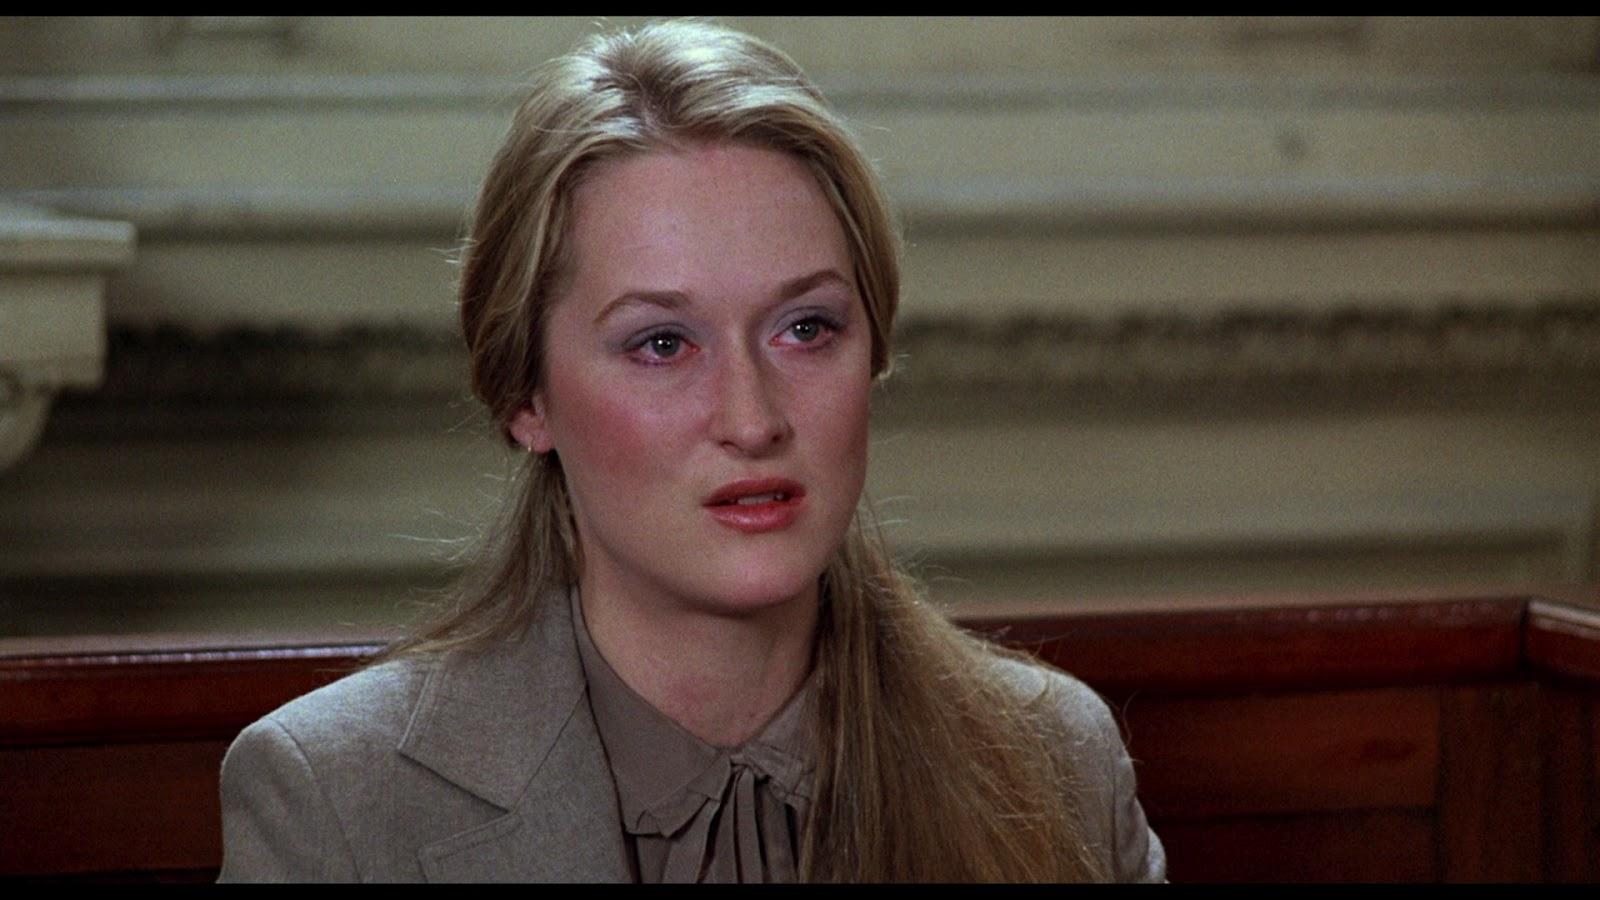 Meryl Streep's Best Work: Kramer vs Kramer